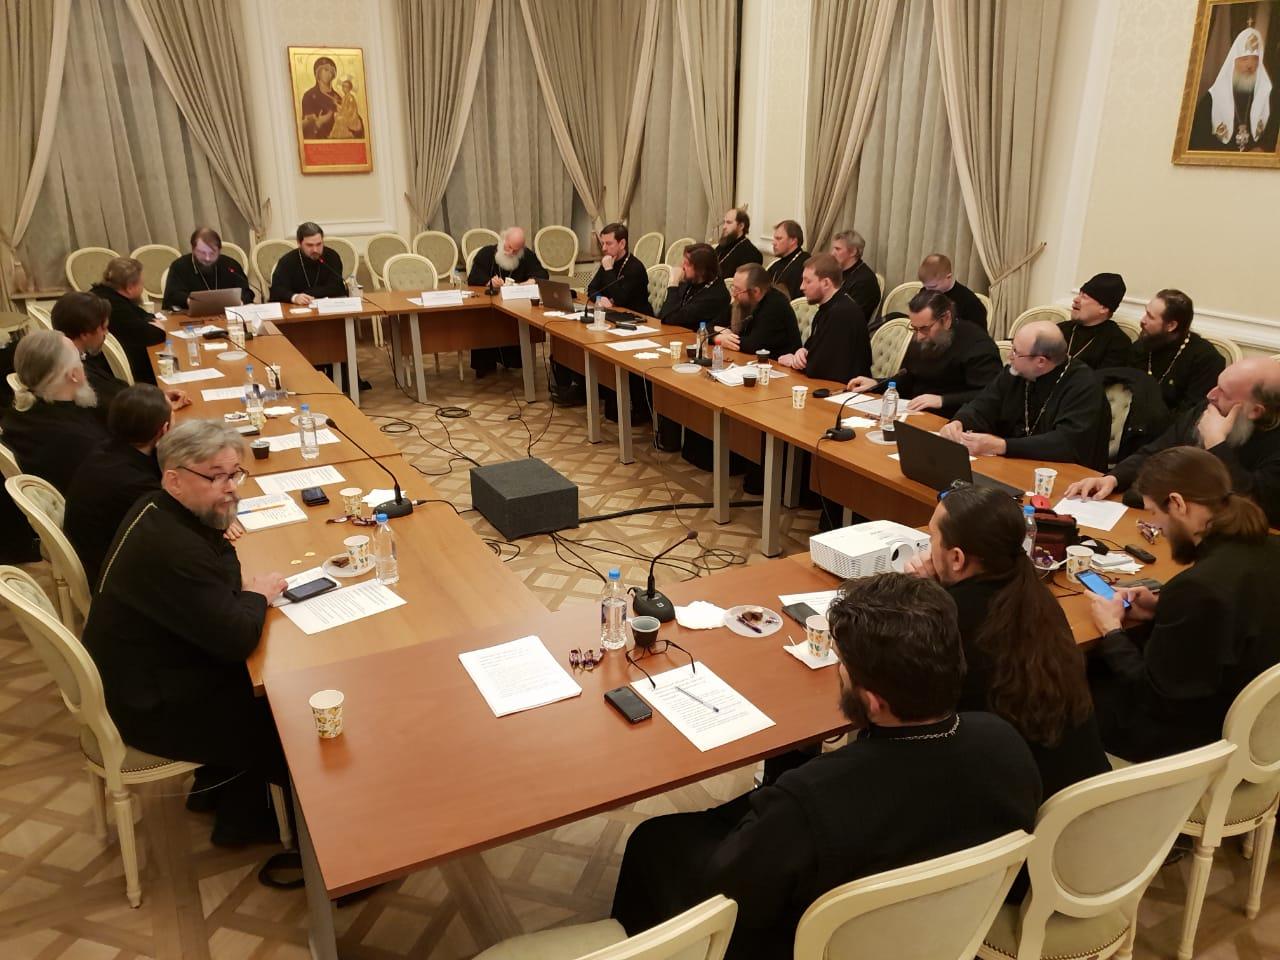 18 священников из России, Белоруссии, Казахстана и Узбекистана приняли участие в 19-ой стажировке по социальному служению